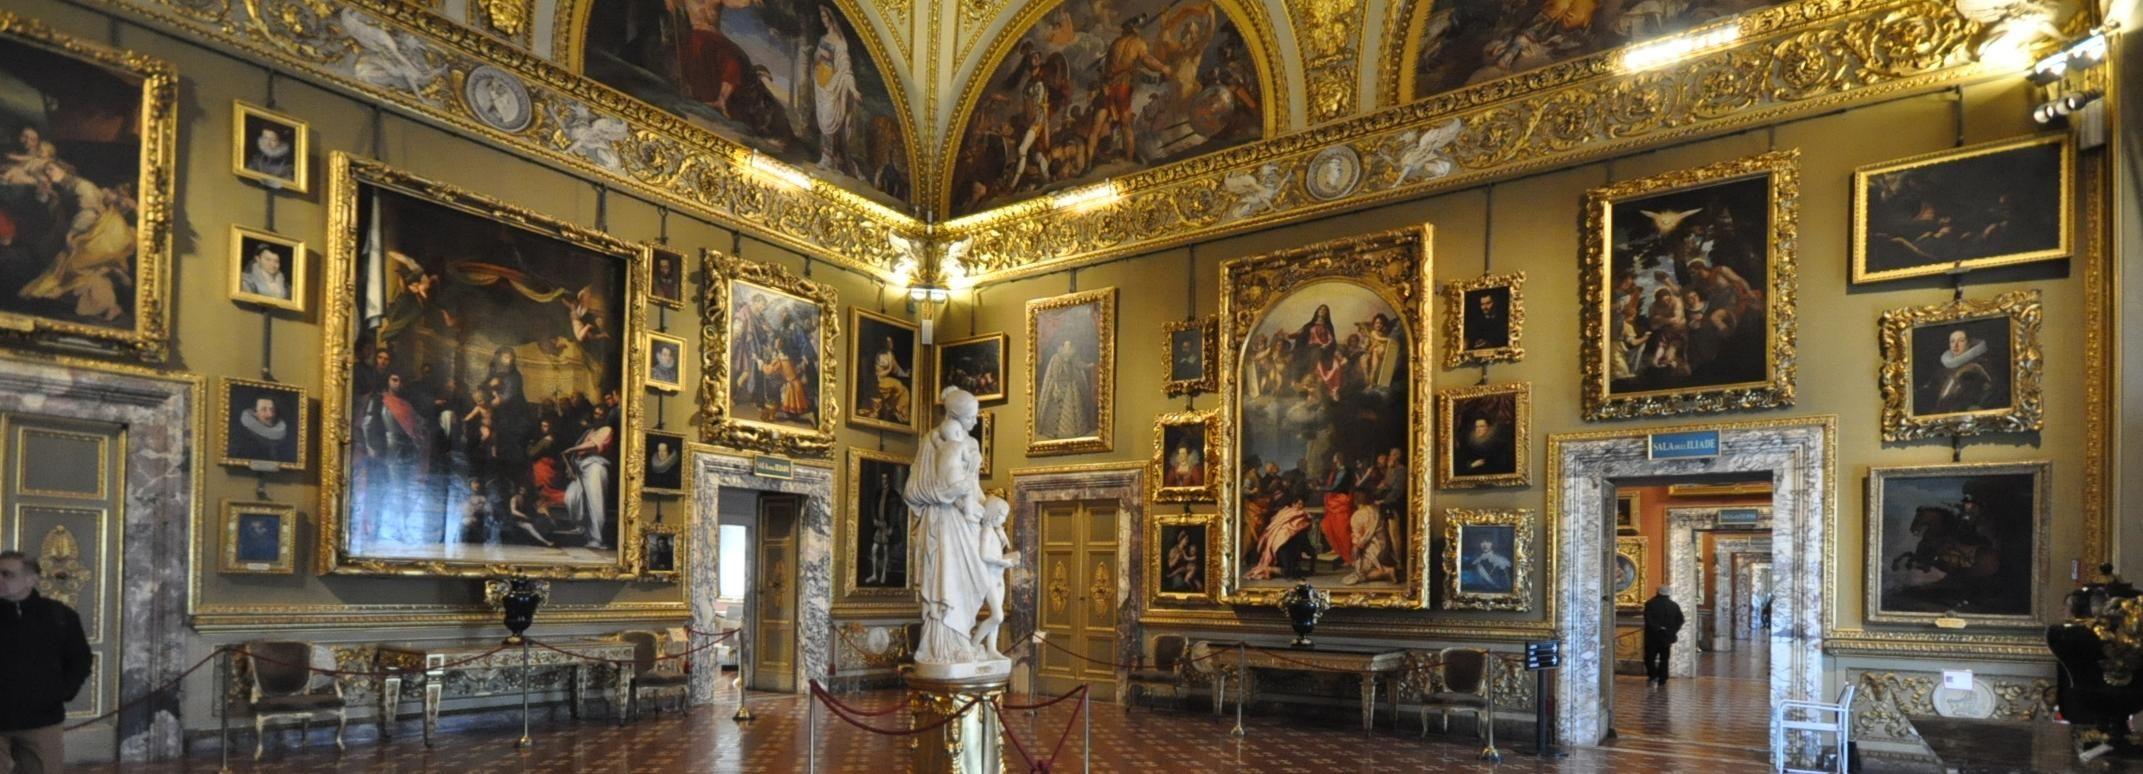 Pitti Palace, Boboli Gardens and Palatina Gallery Tour